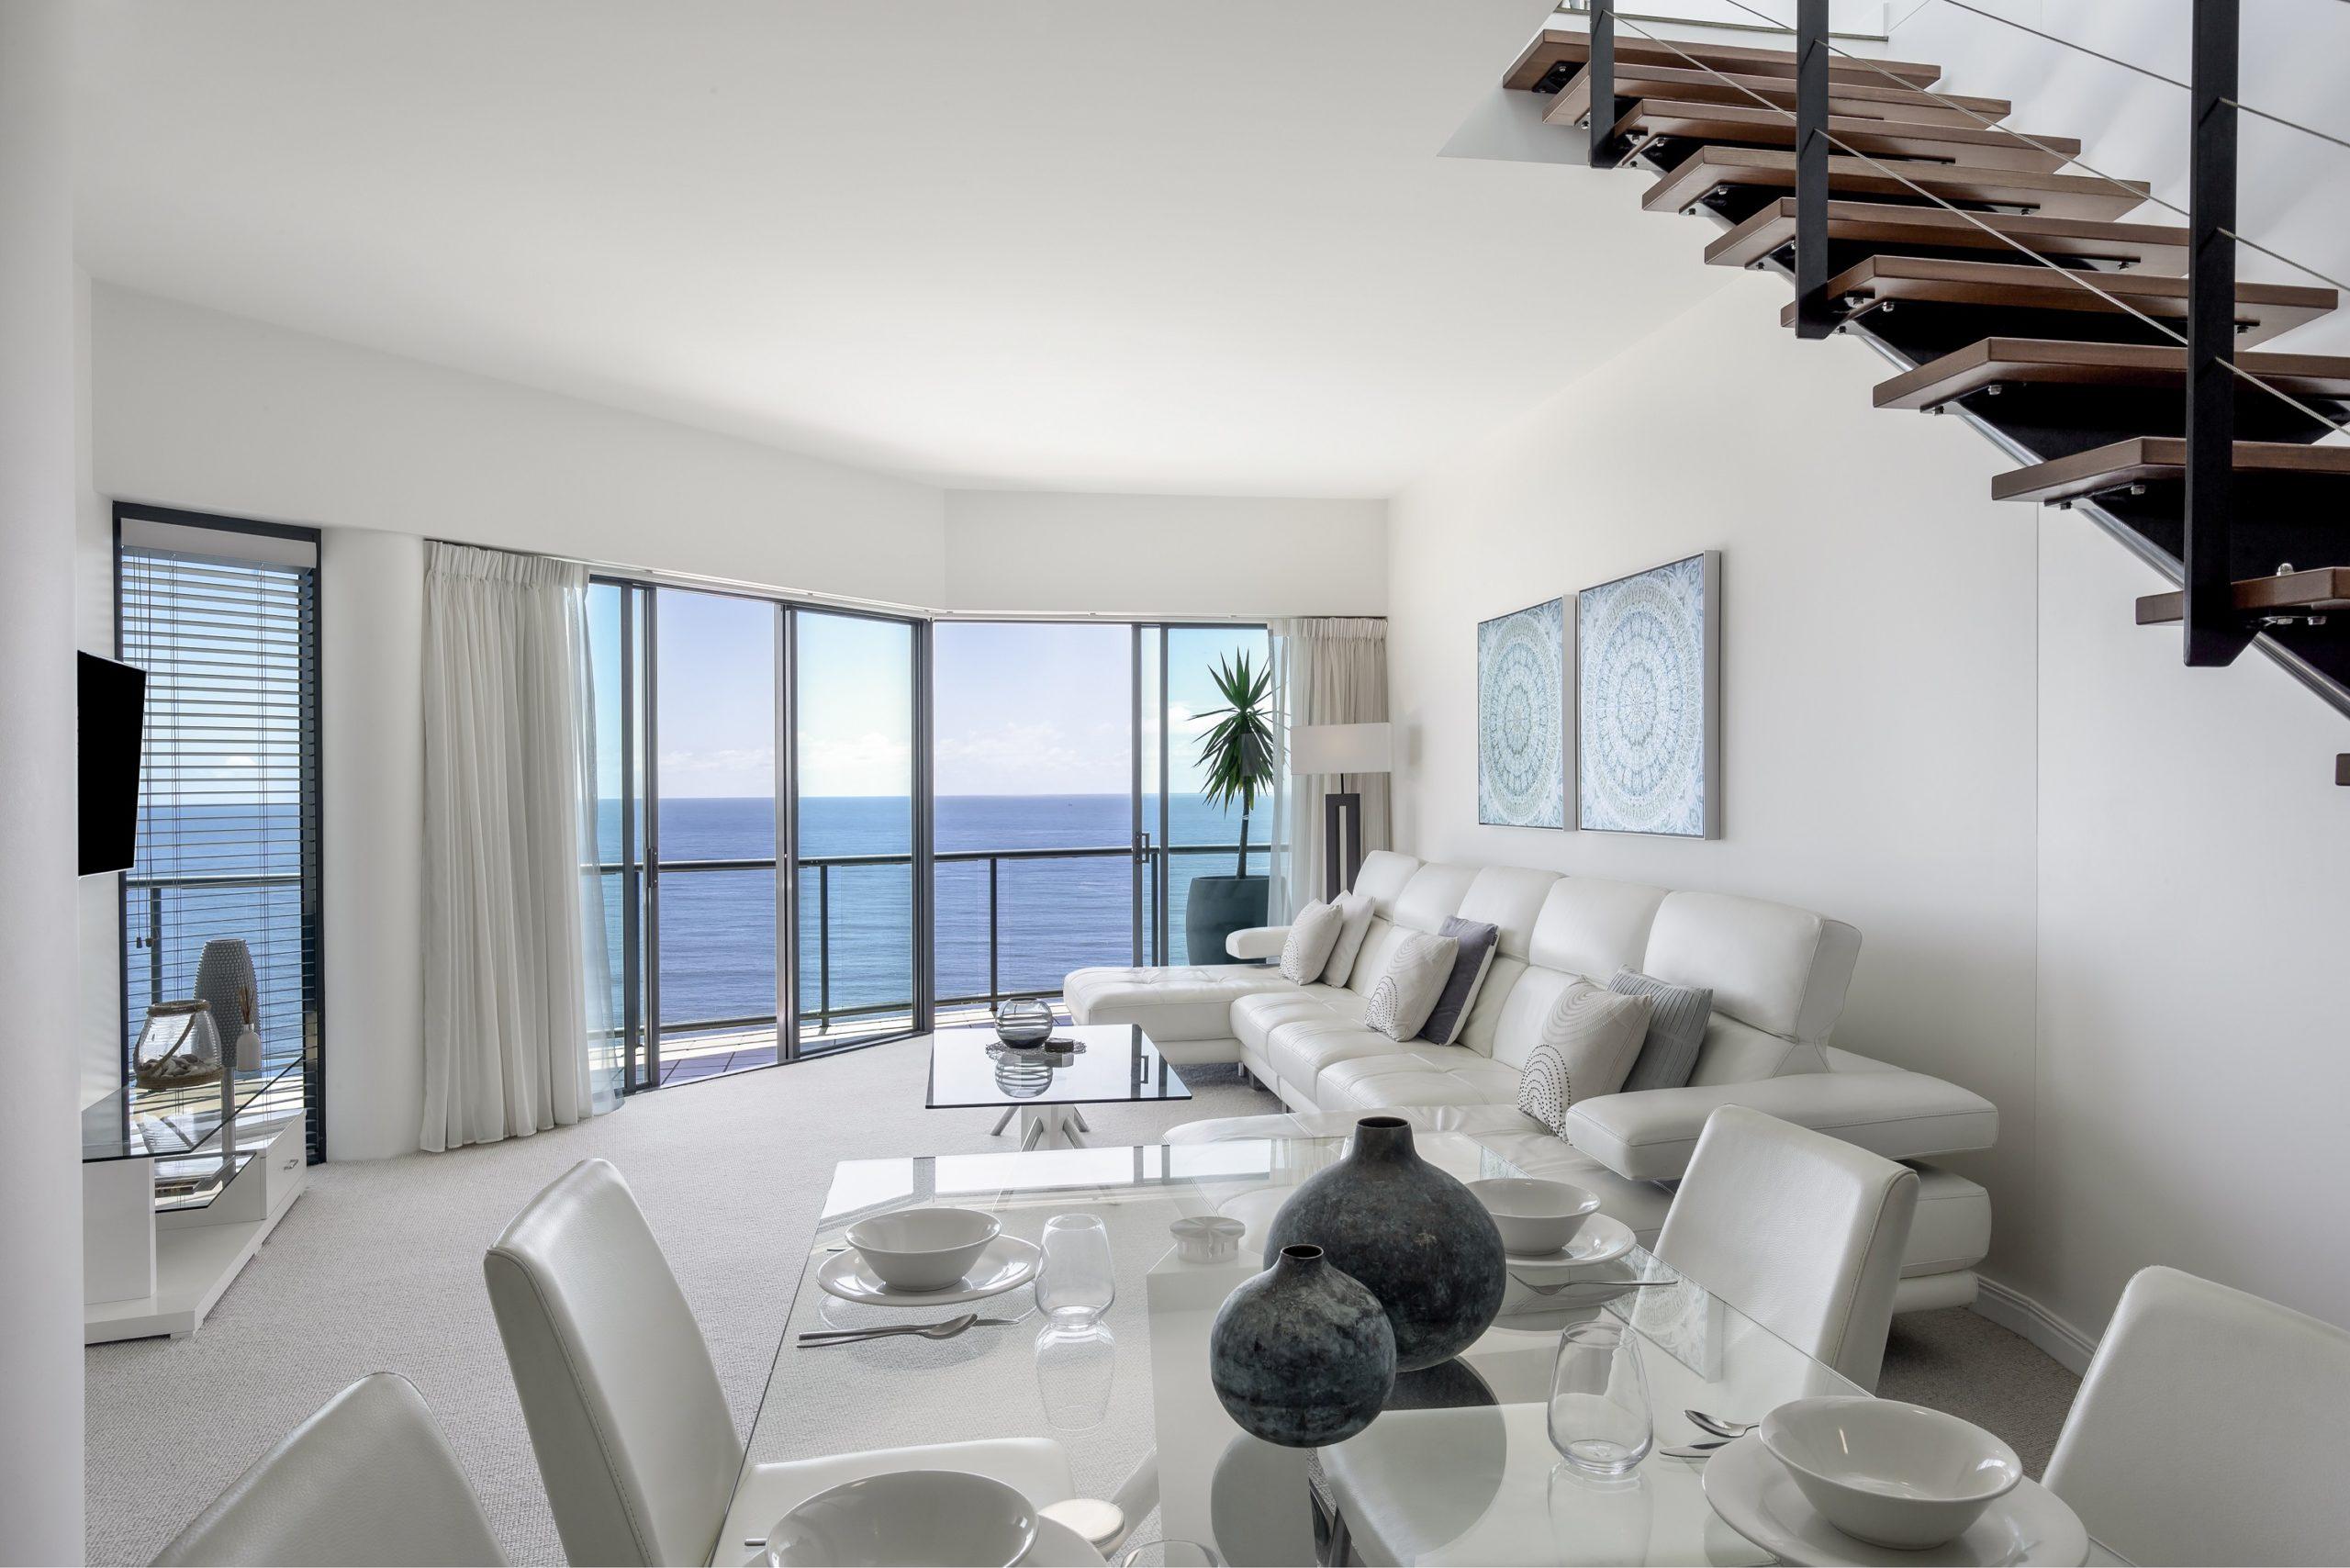 Accor Apartments & Villas